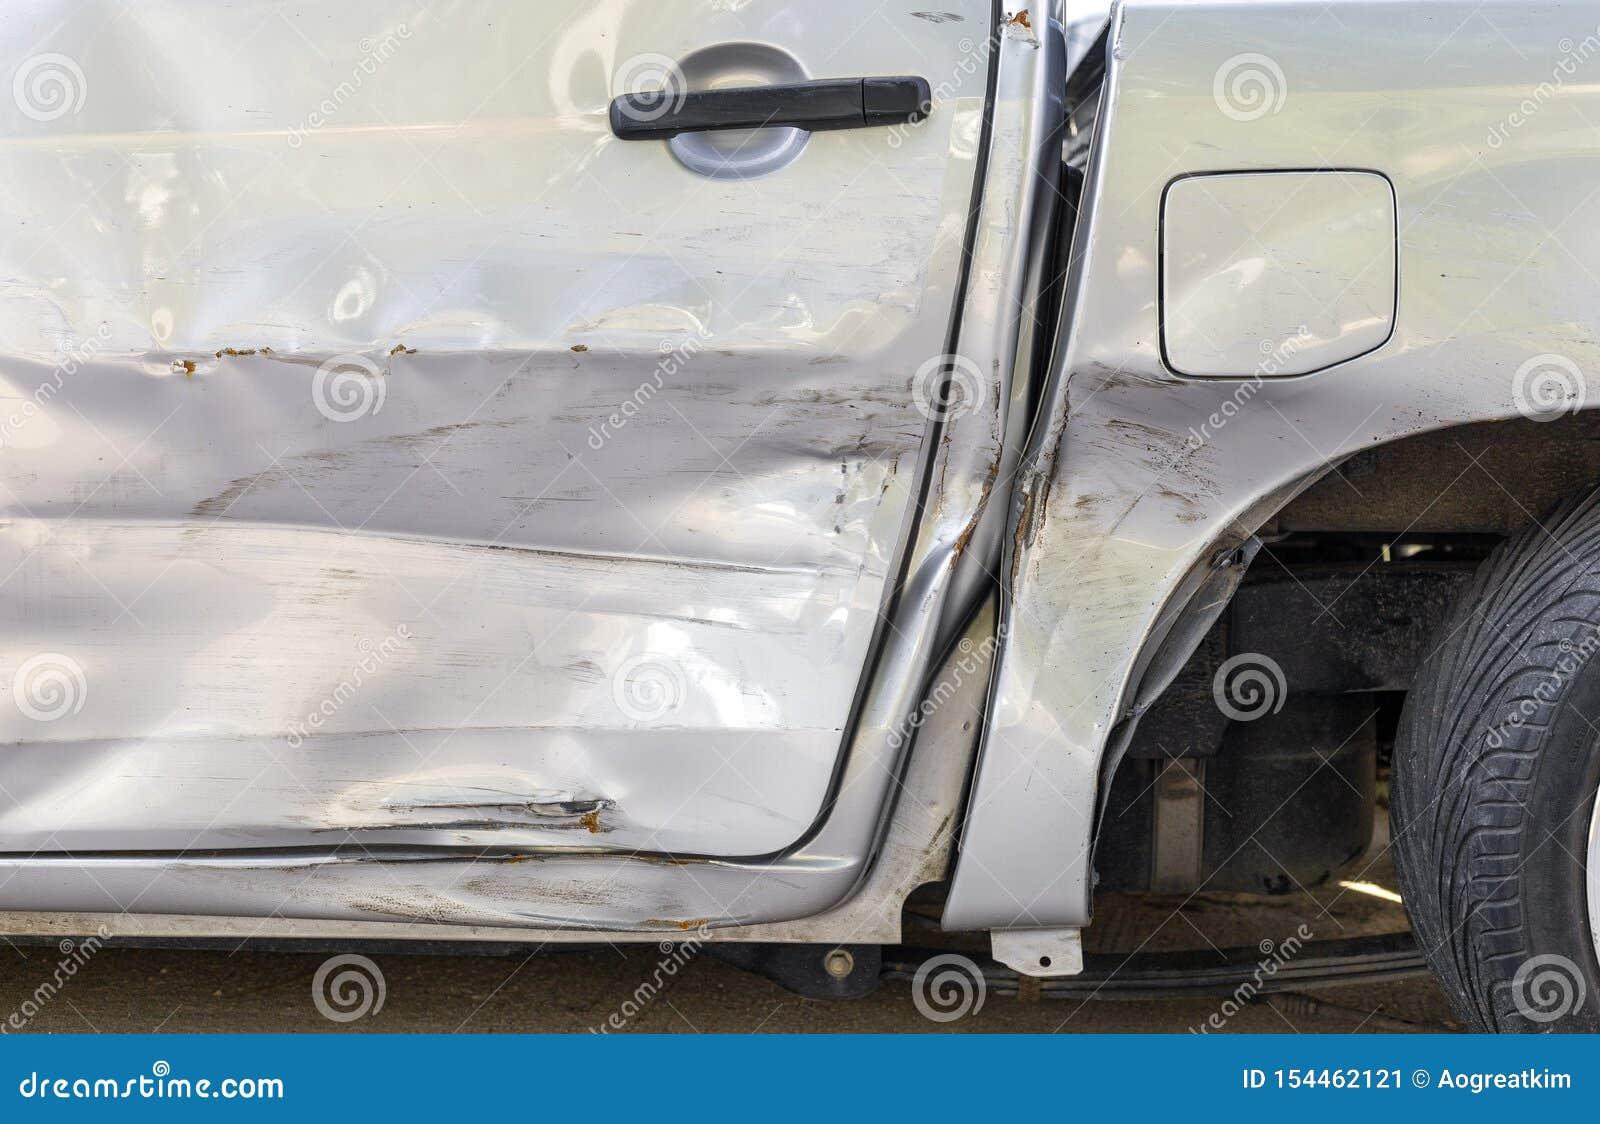 Incidente stradale Accanto al colore grigio chiaro selezioni sull automobile hanno graffio da danno Graffio alto vicino